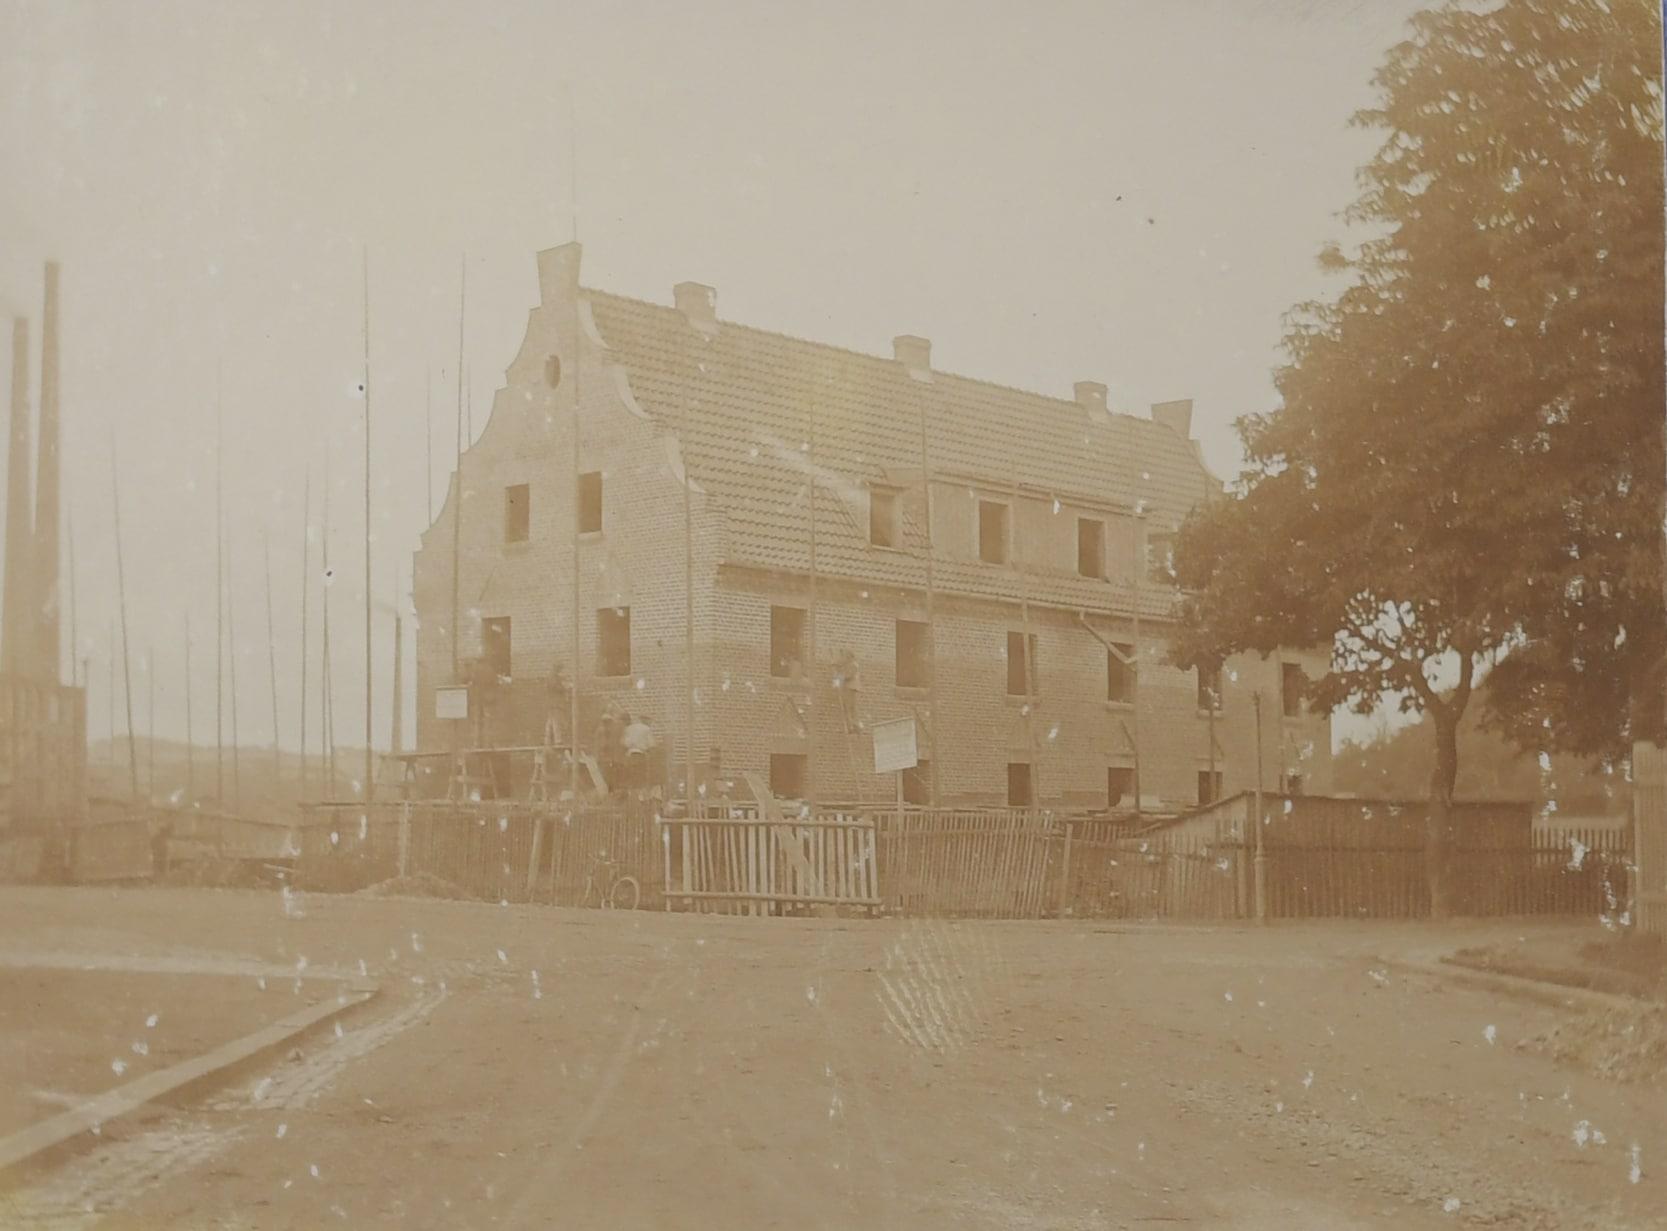 StadtABT, Akte Nr. 21930 Foto Rohbau 1922